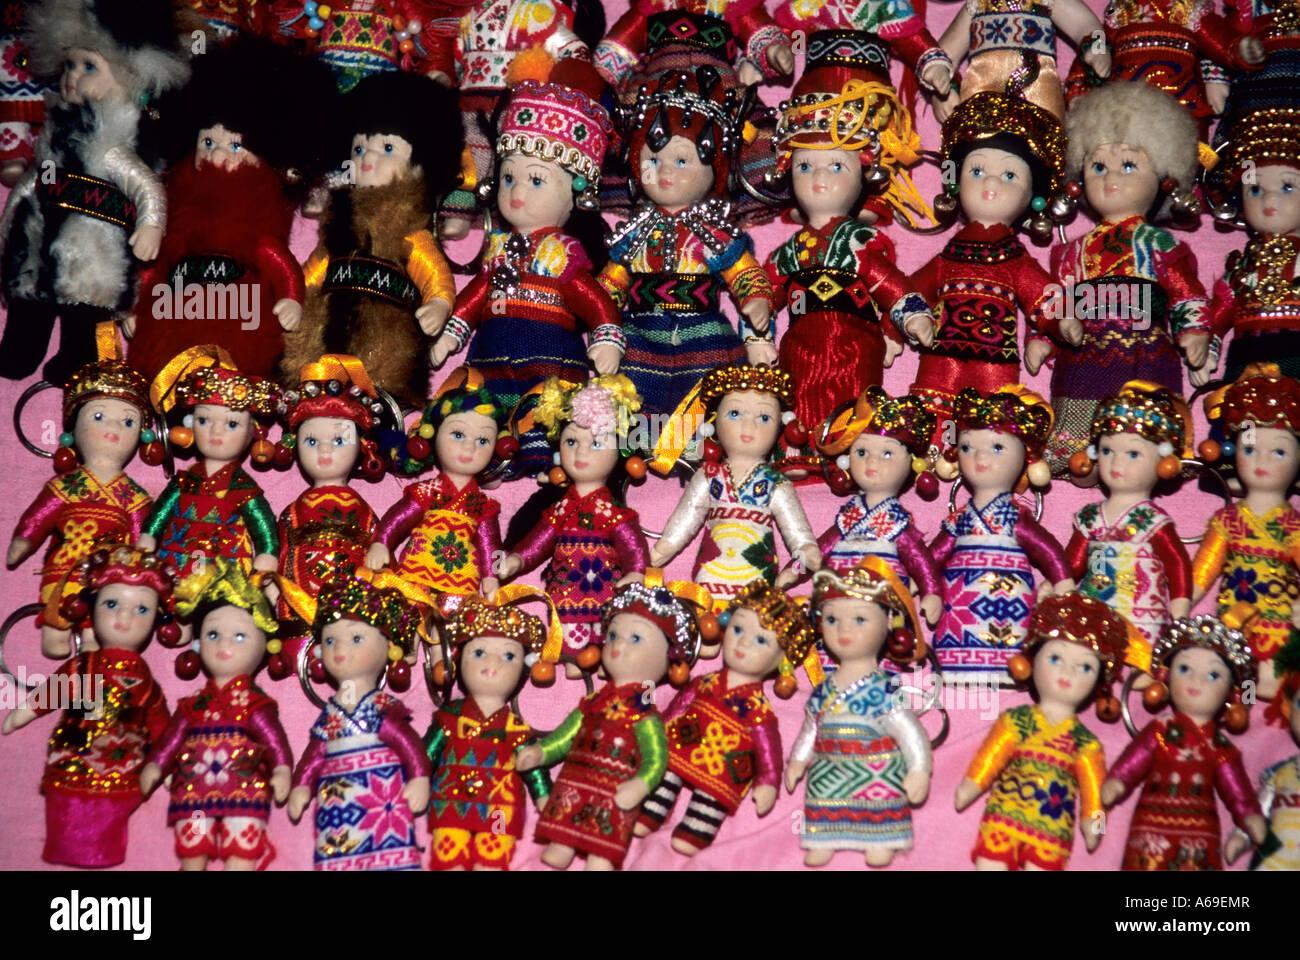 Piccole bambole (chiavi) in variopinti costumi tradizionali per la vendita sul mercato notturno in Luang Prabang. Immagini Stock